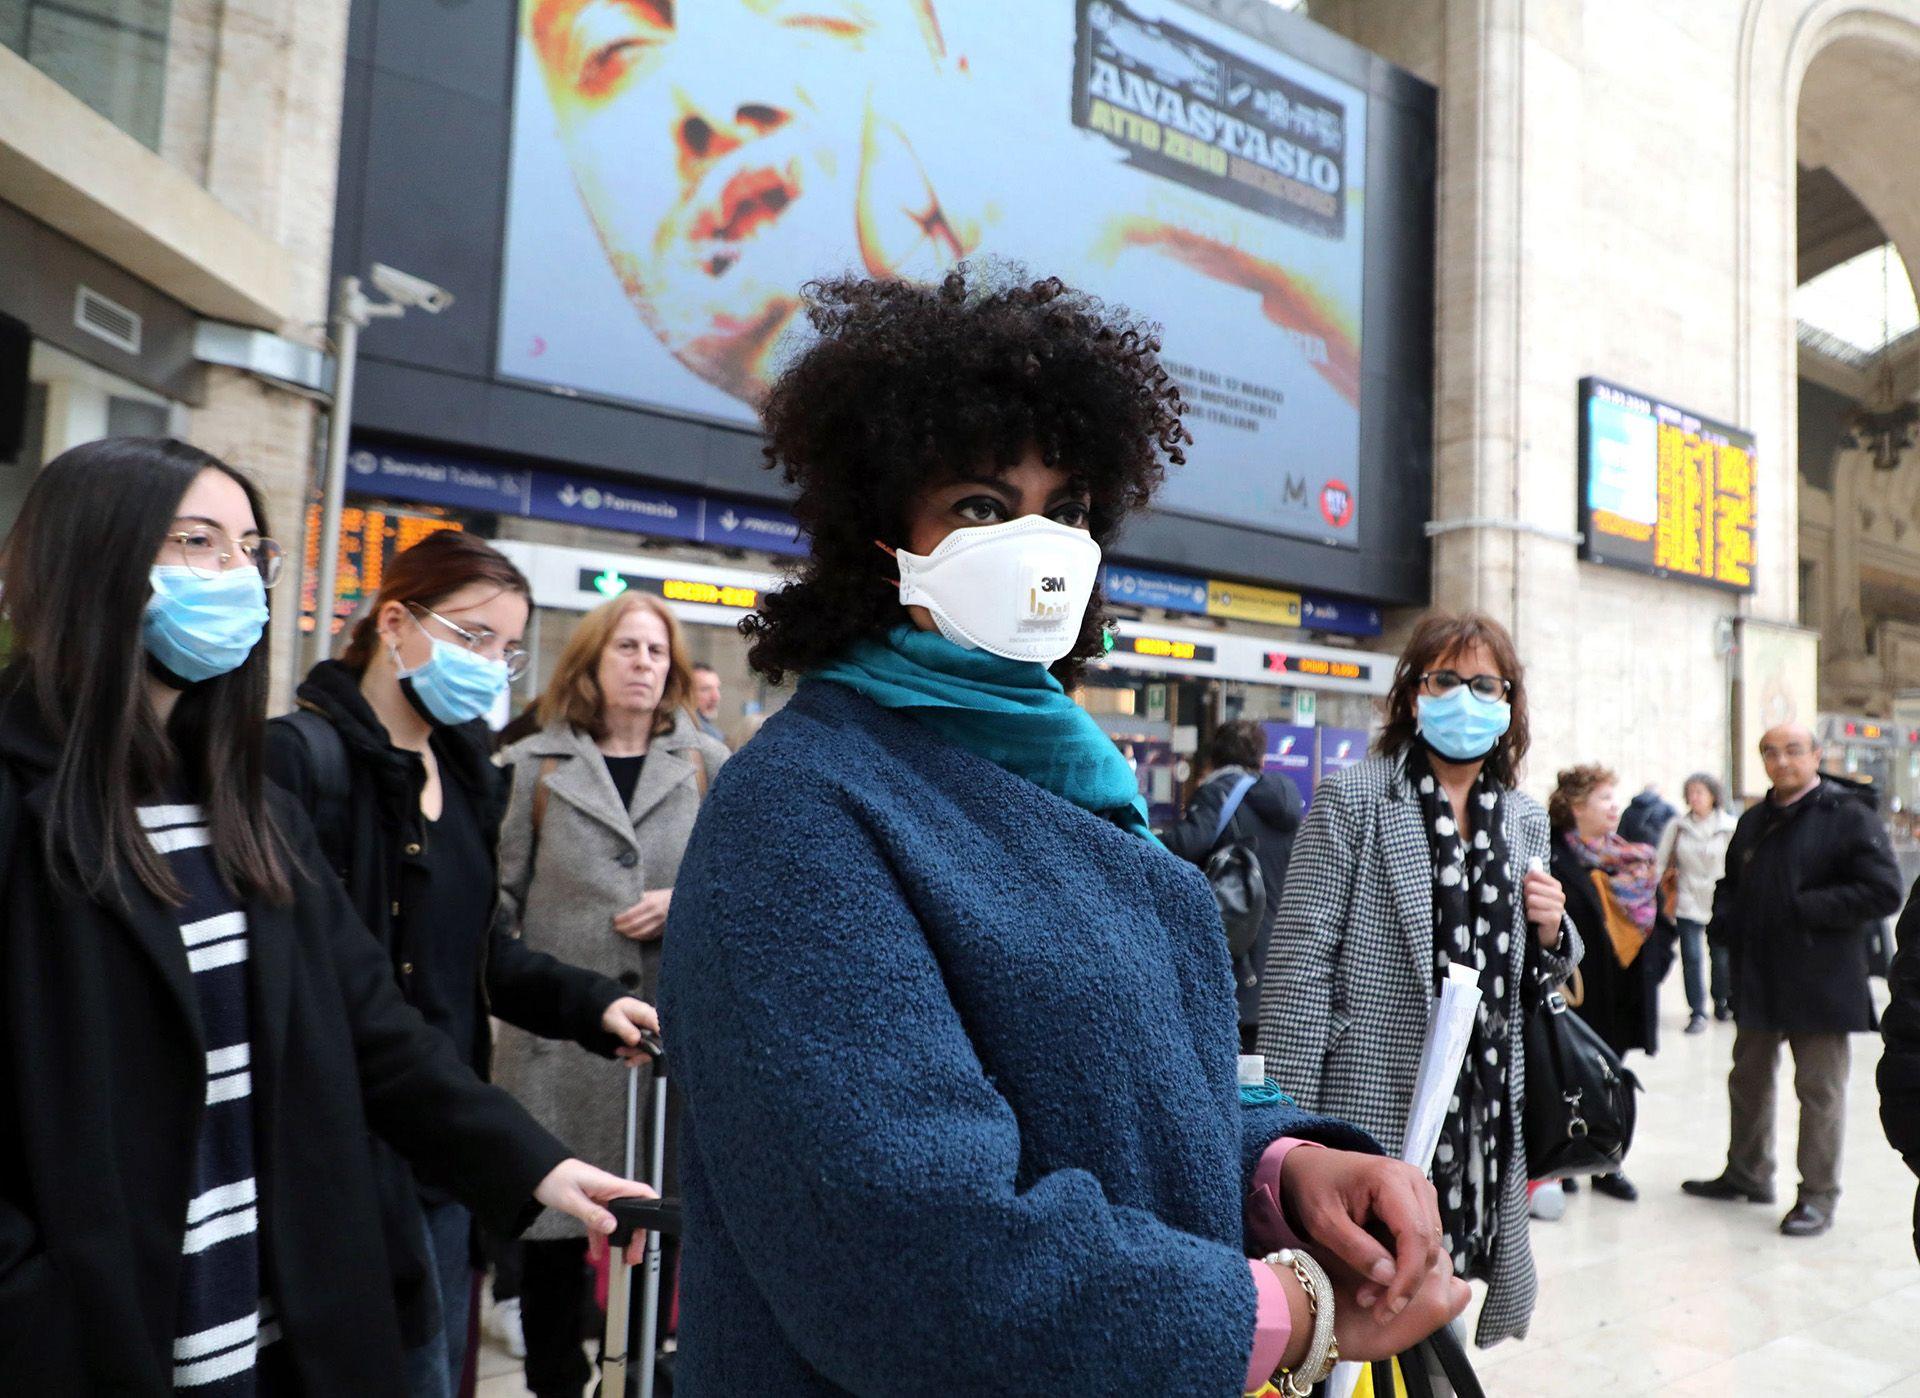 Fotó: MTI / EPA / ANSA / Matteo Bazzi